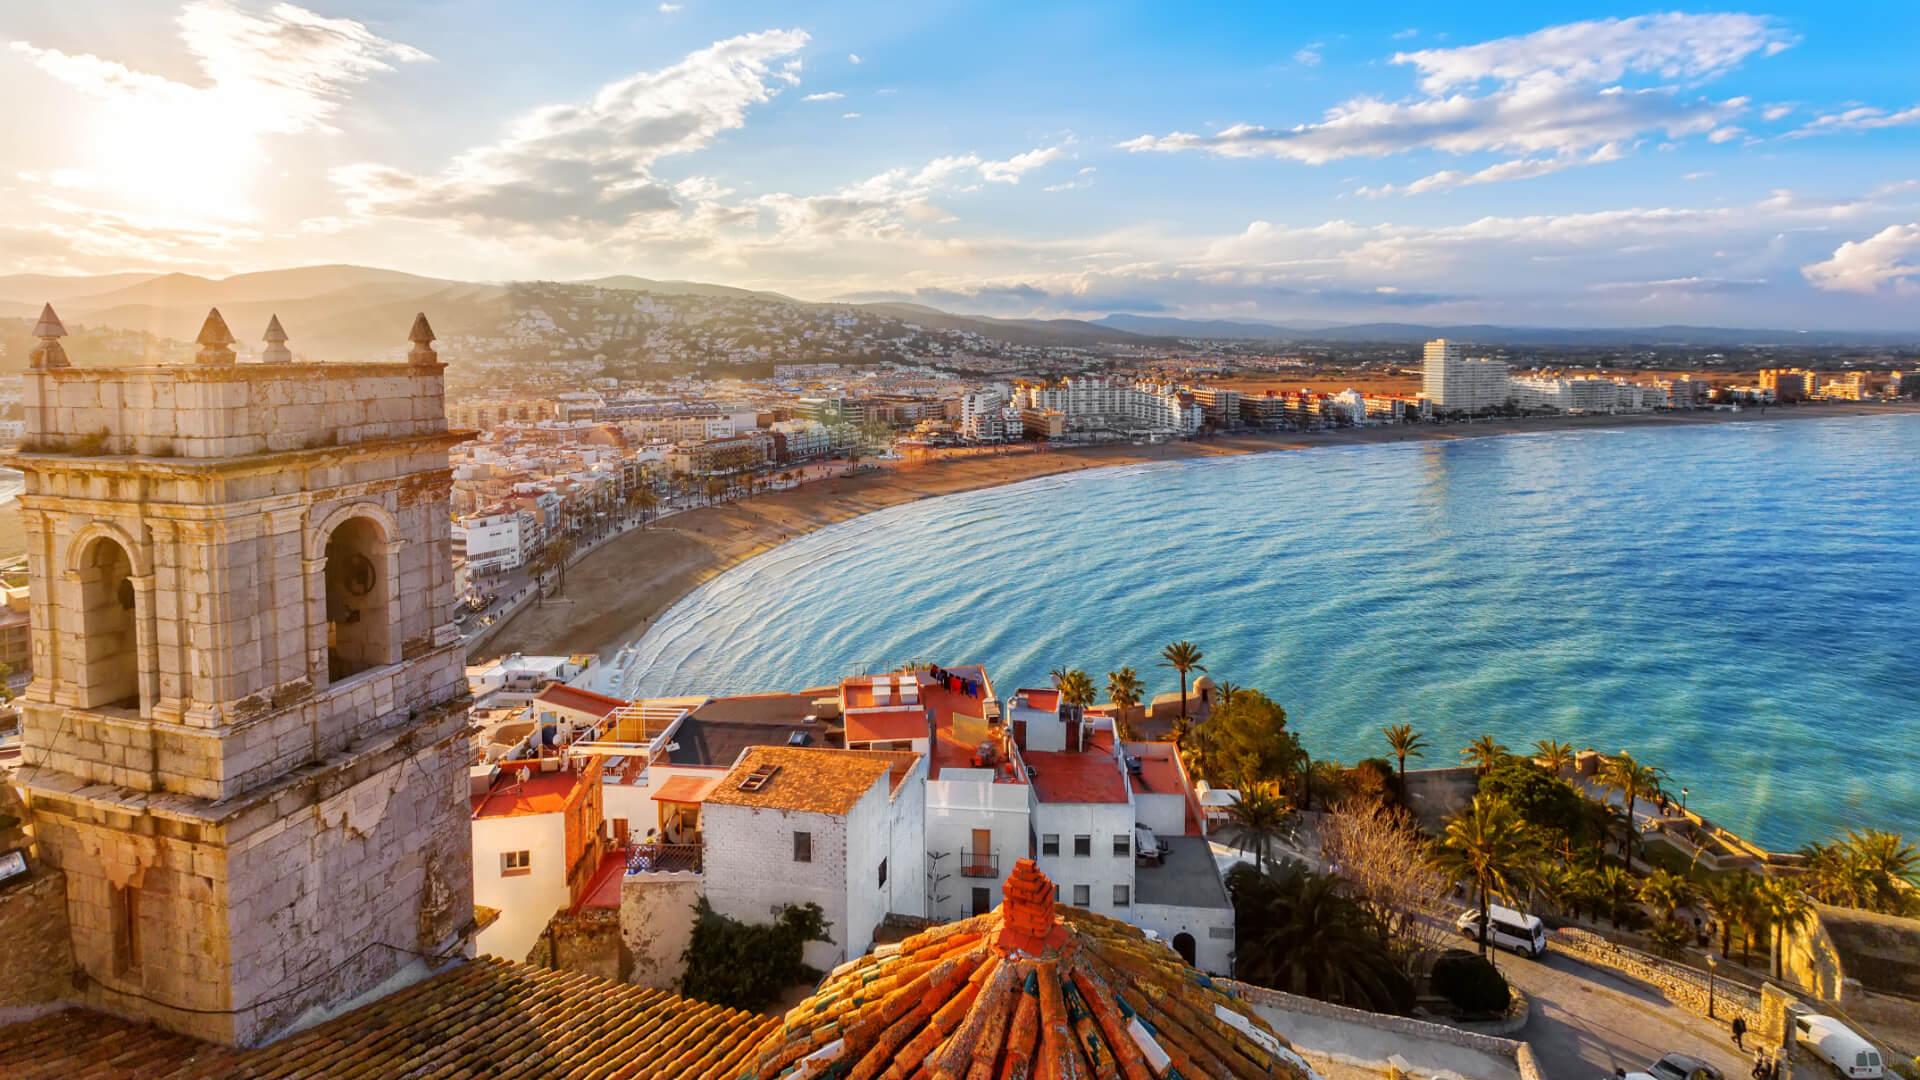 İspanya'nın Doğu Sahilindeki Şehir: Valensiya